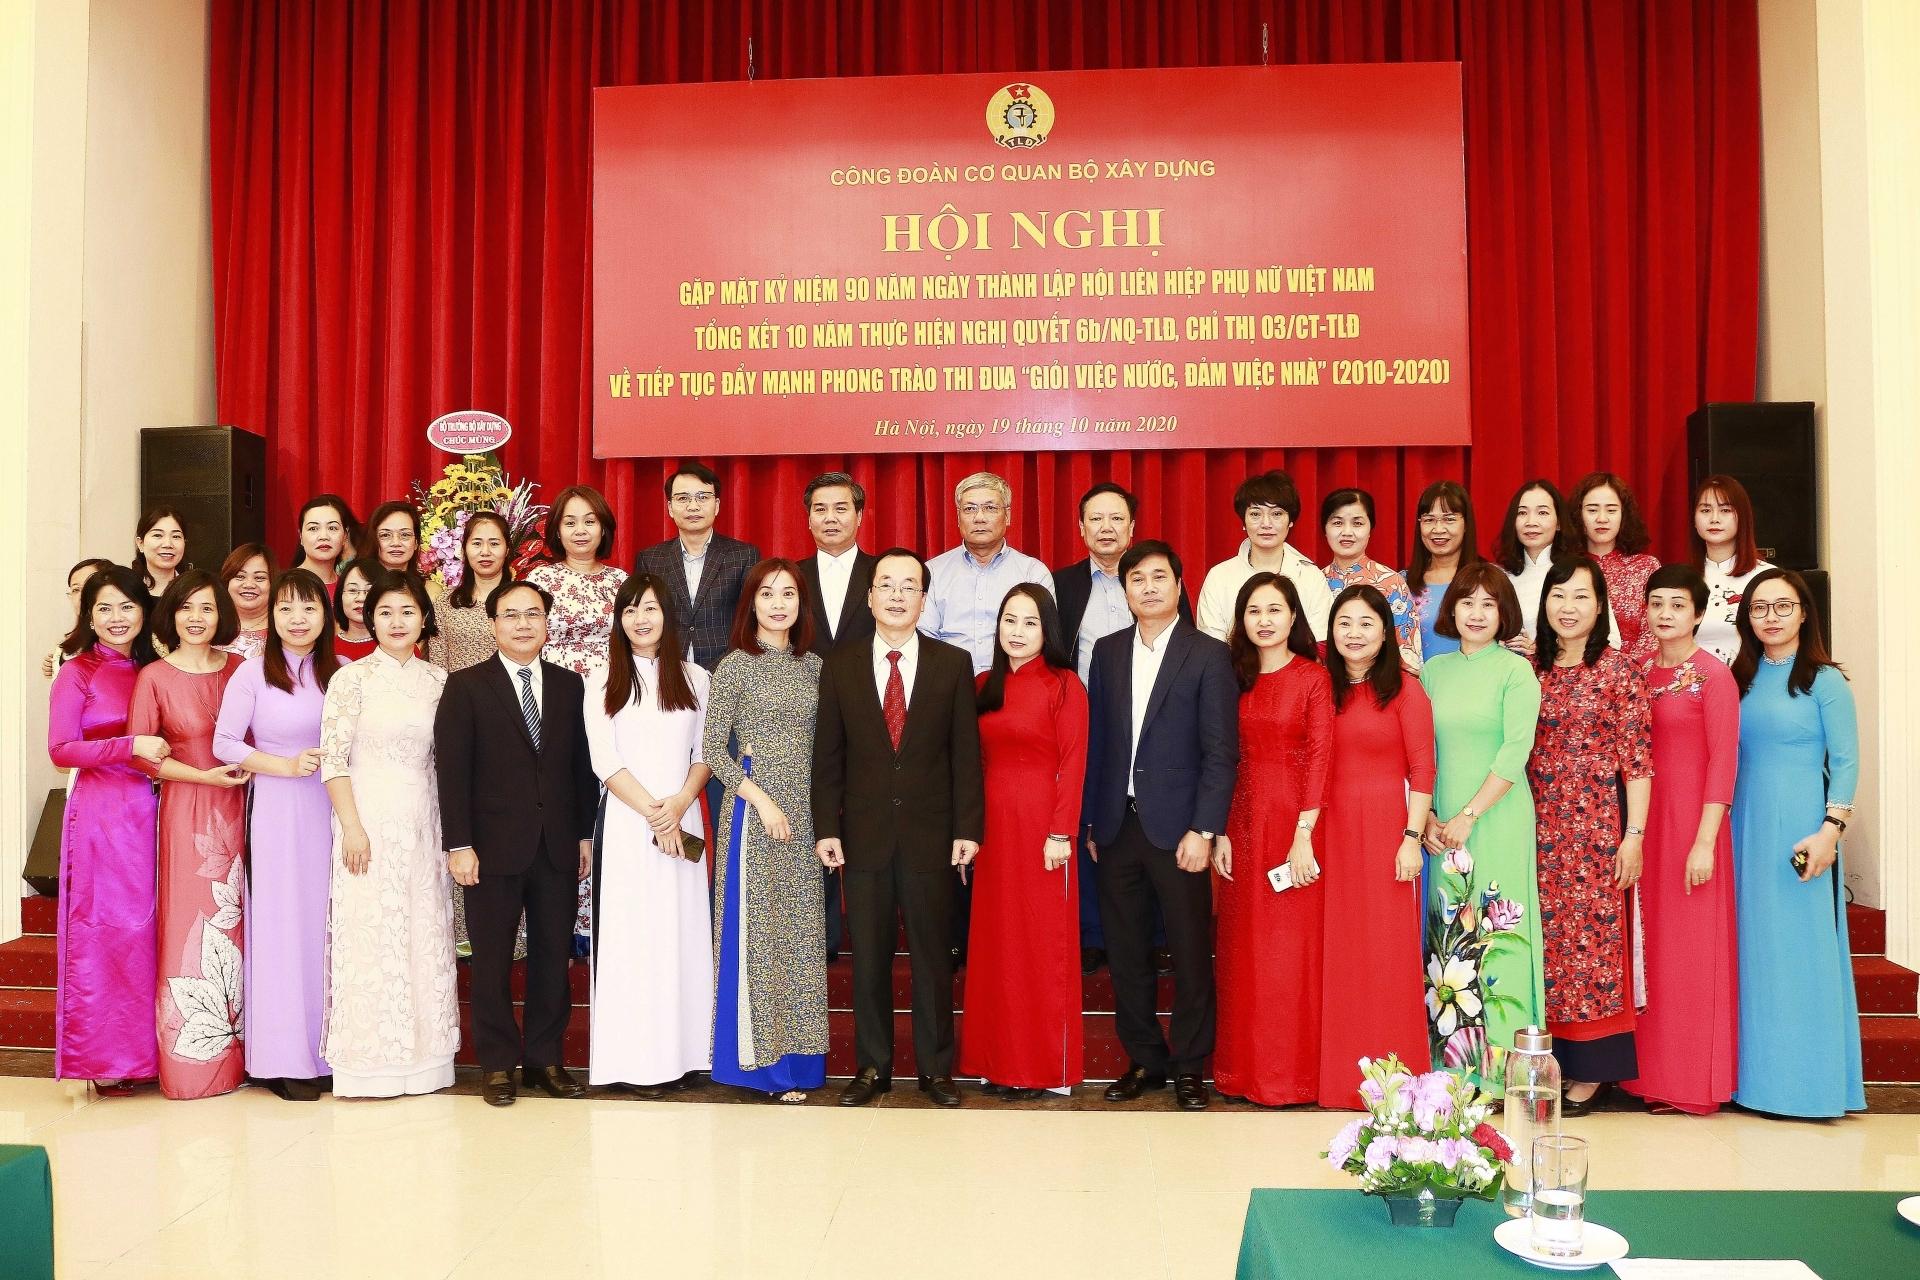 Công đoàn cơ quan Bộ Xây dựng tổ chức Hội nghị gặp mặt kỷ niệm 90 năm ngày thành lập Hội Liên hiệp Phụ nữ Việt Nam